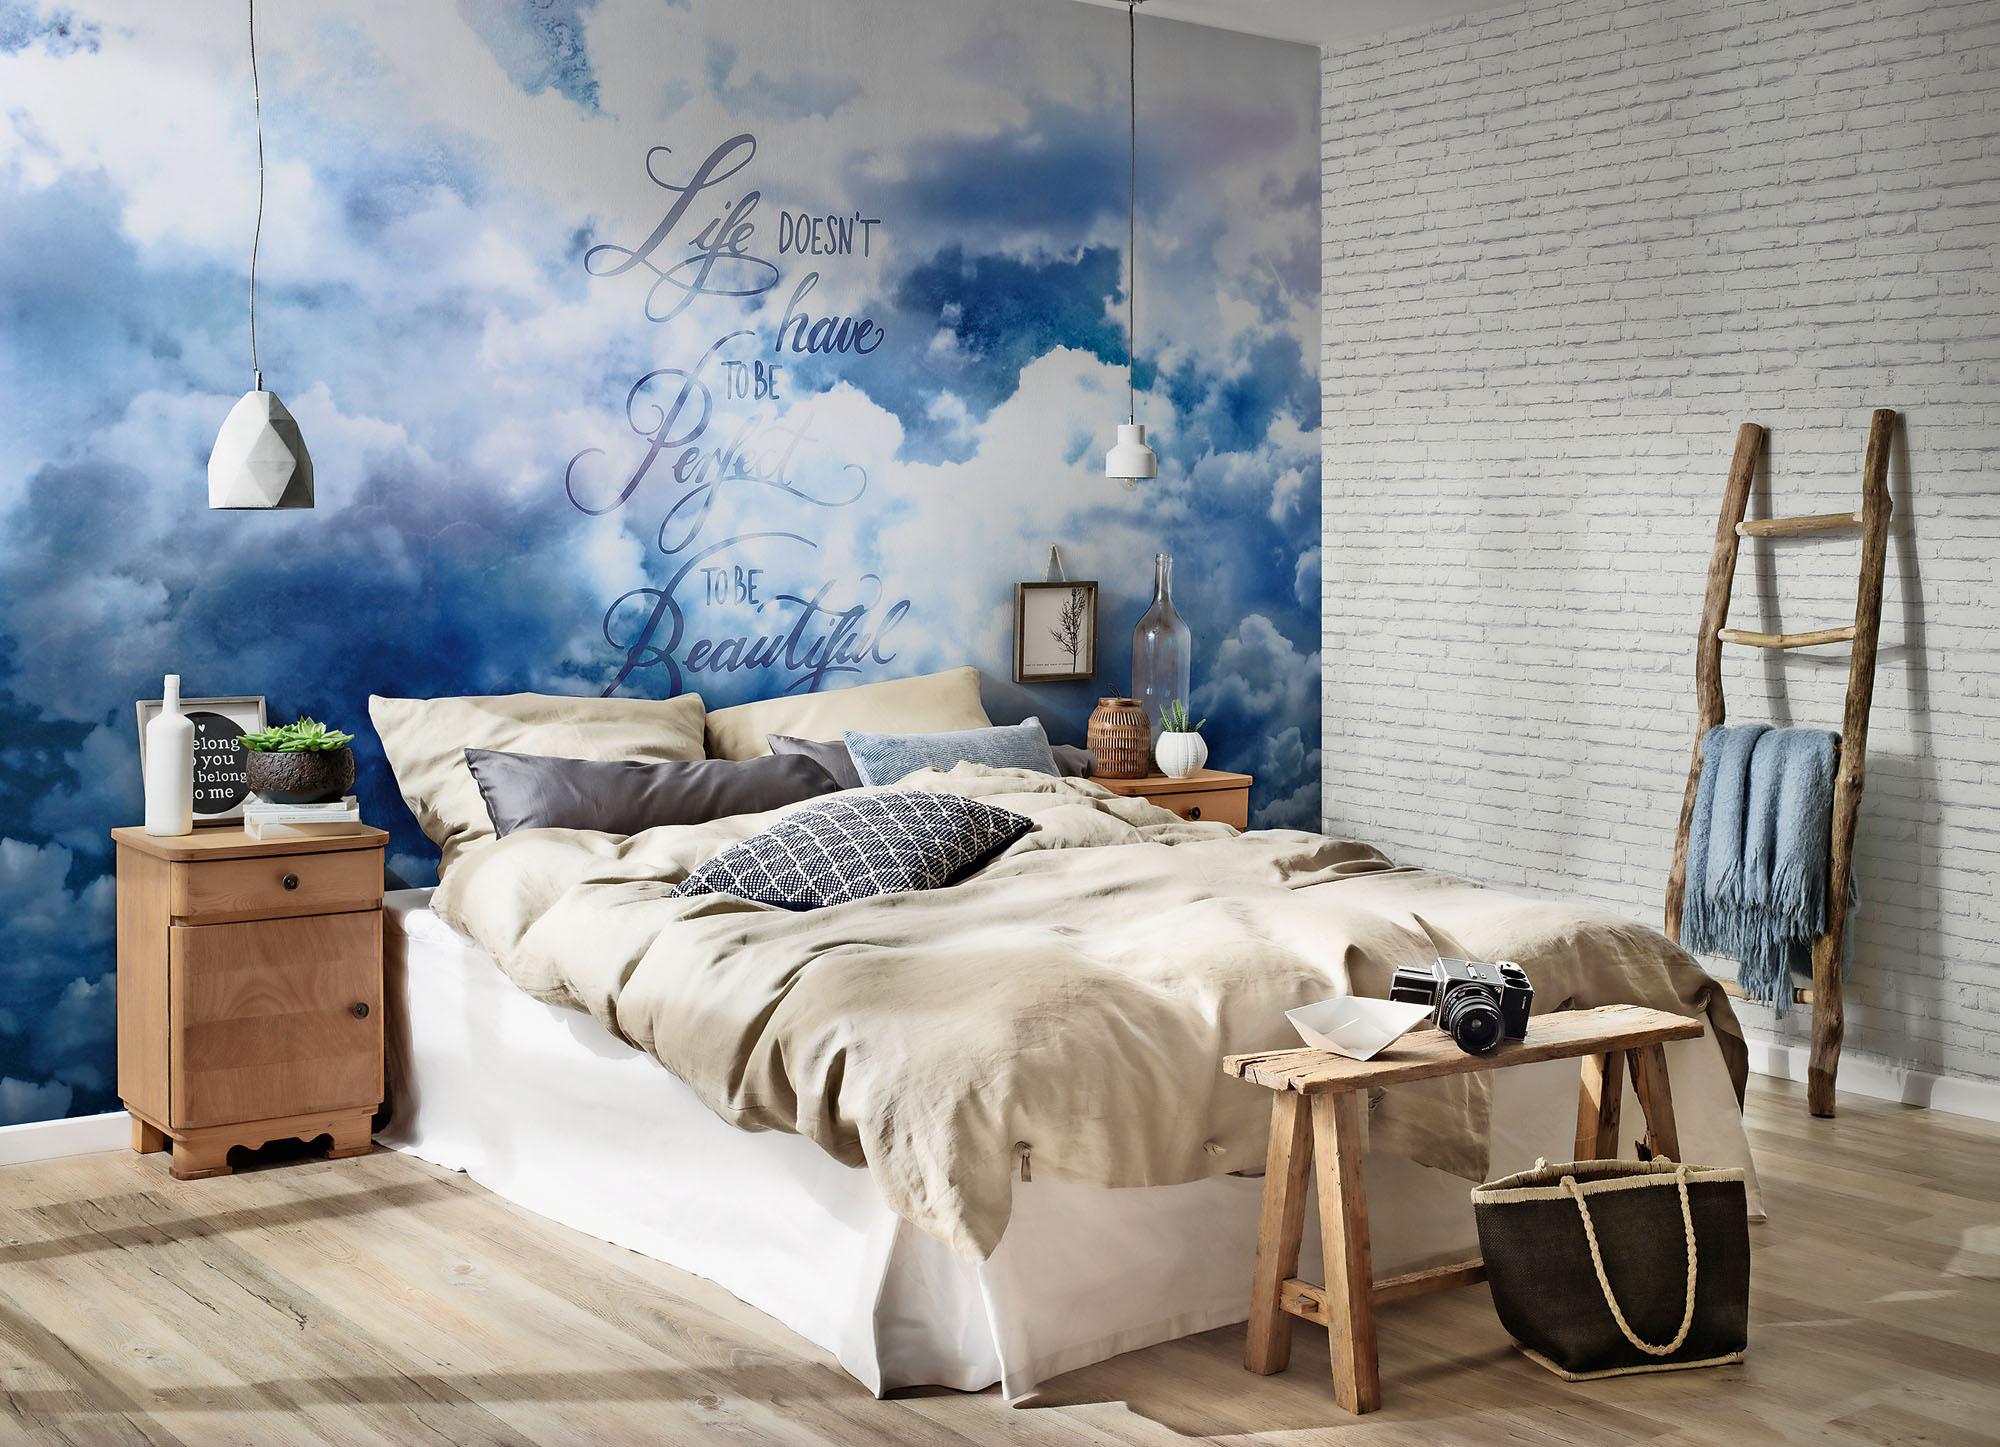 Get Einrichtung Schlafzimmer Tipps Images